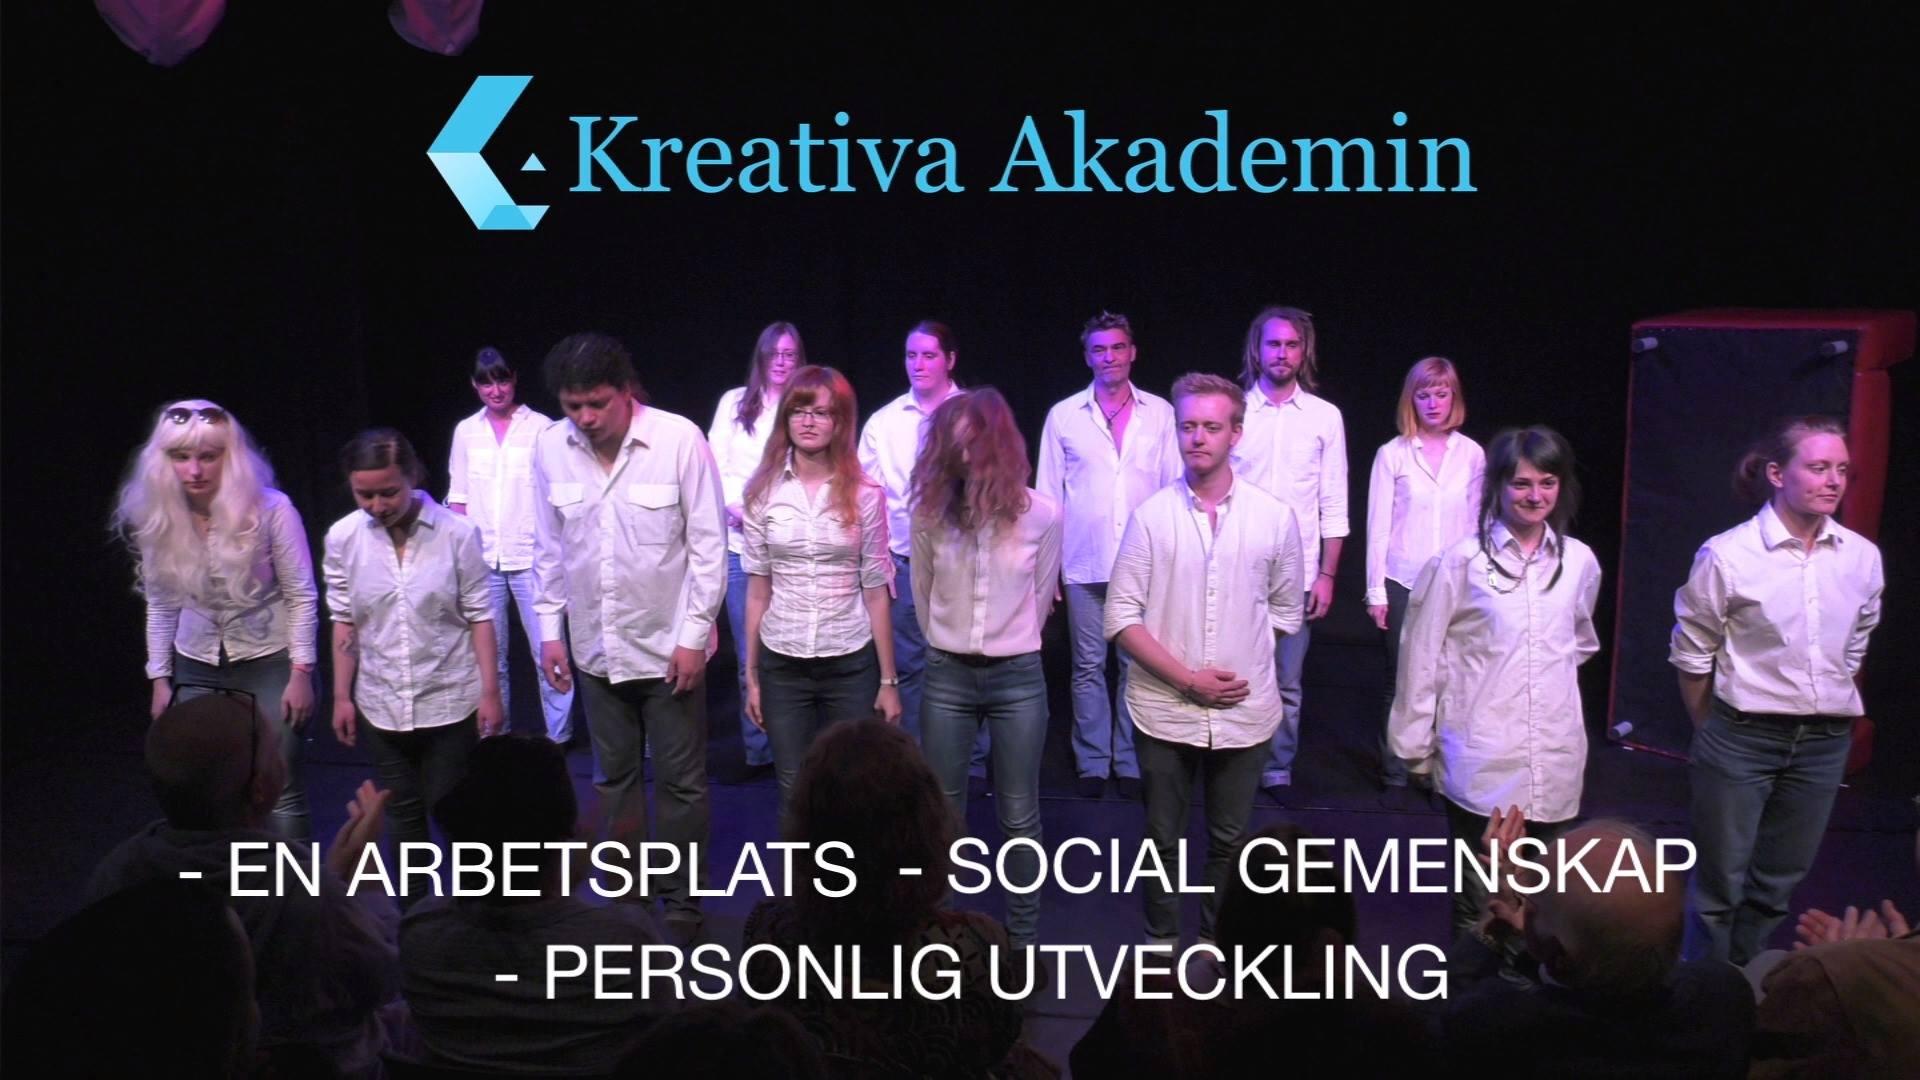 Kreativa Akademin